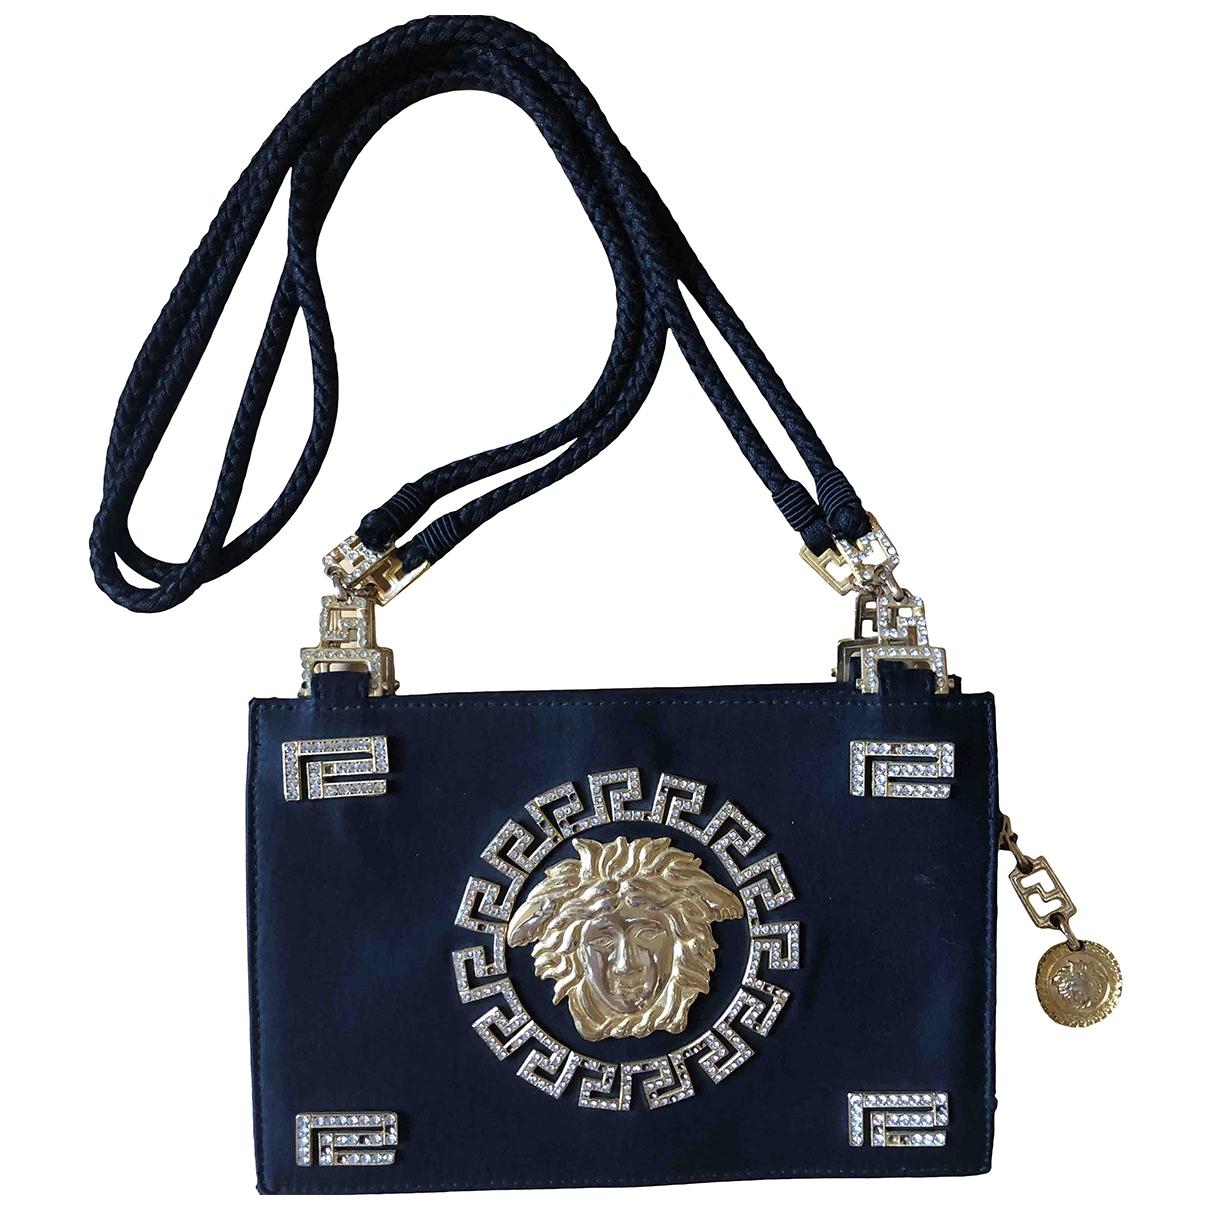 Gianni Versace \N Handtasche in  Schwarz Seide